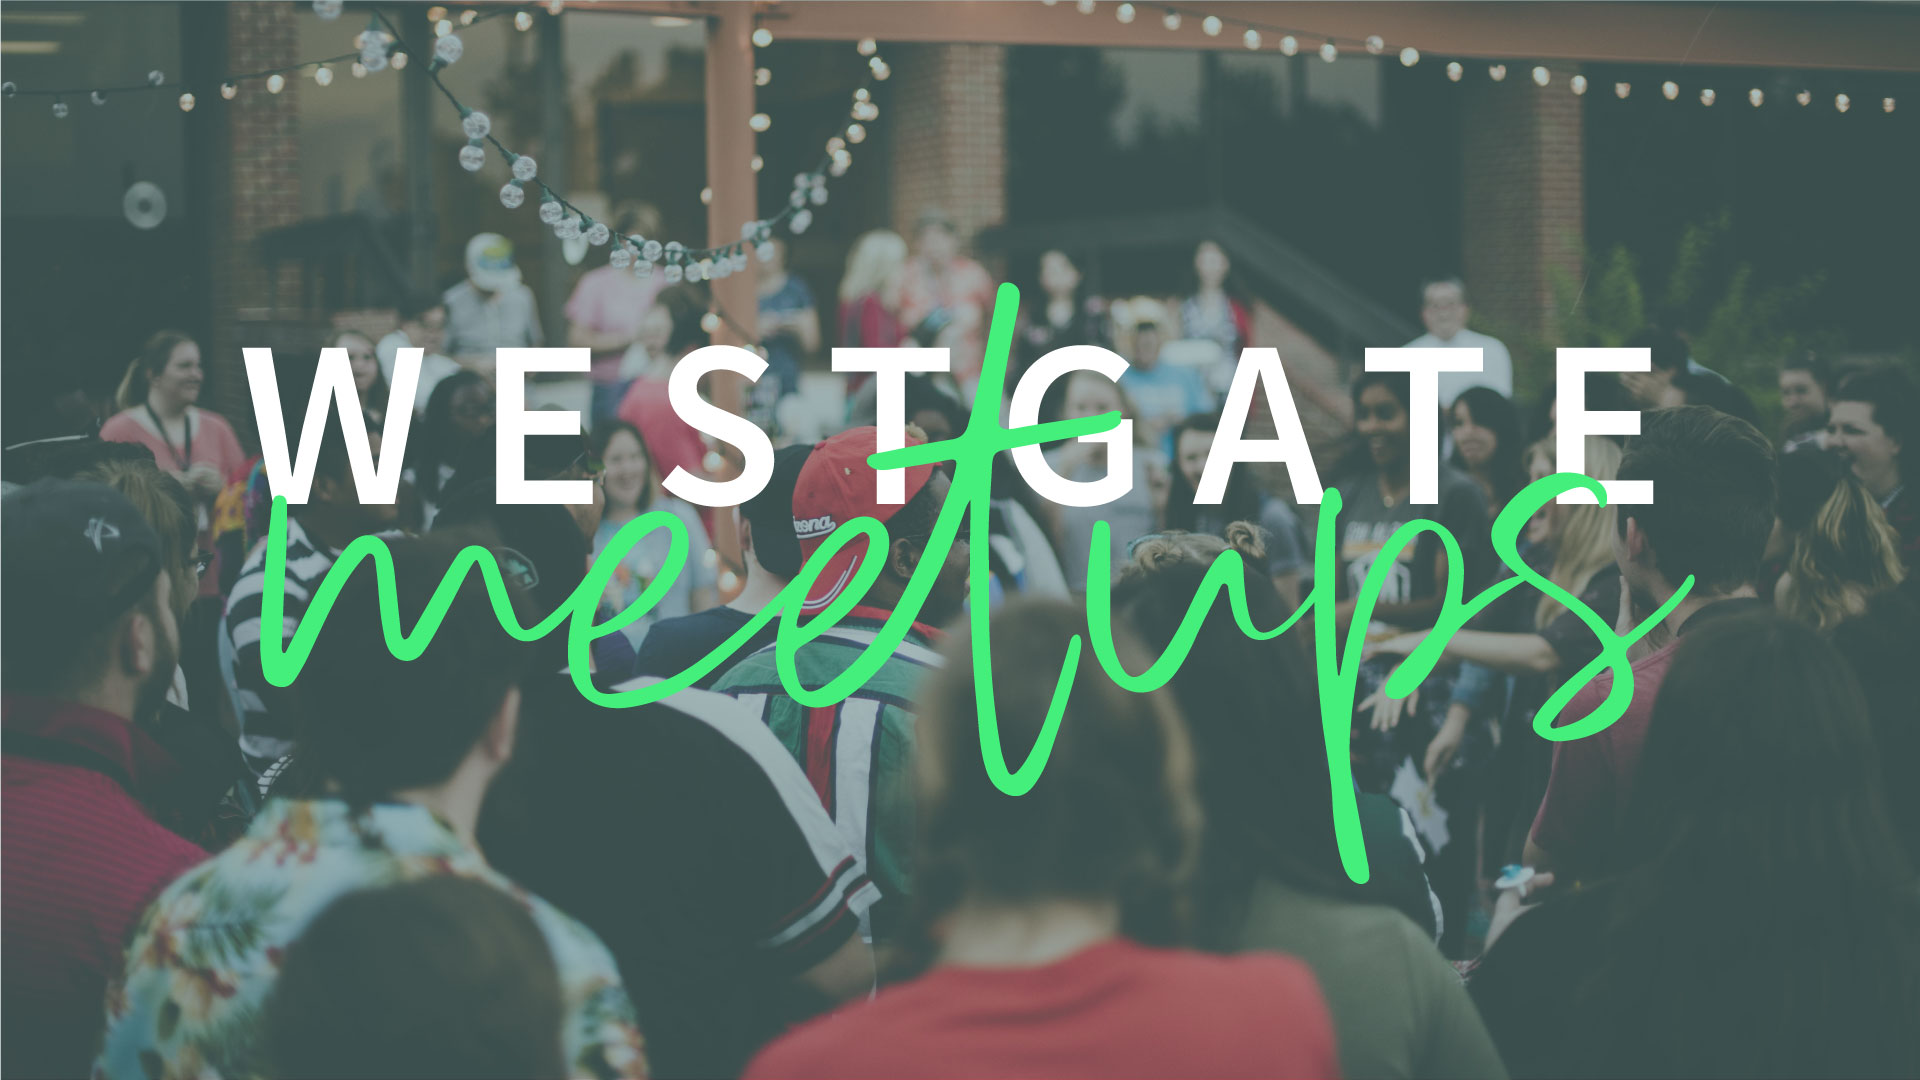 Westgate_Meetups.jpg